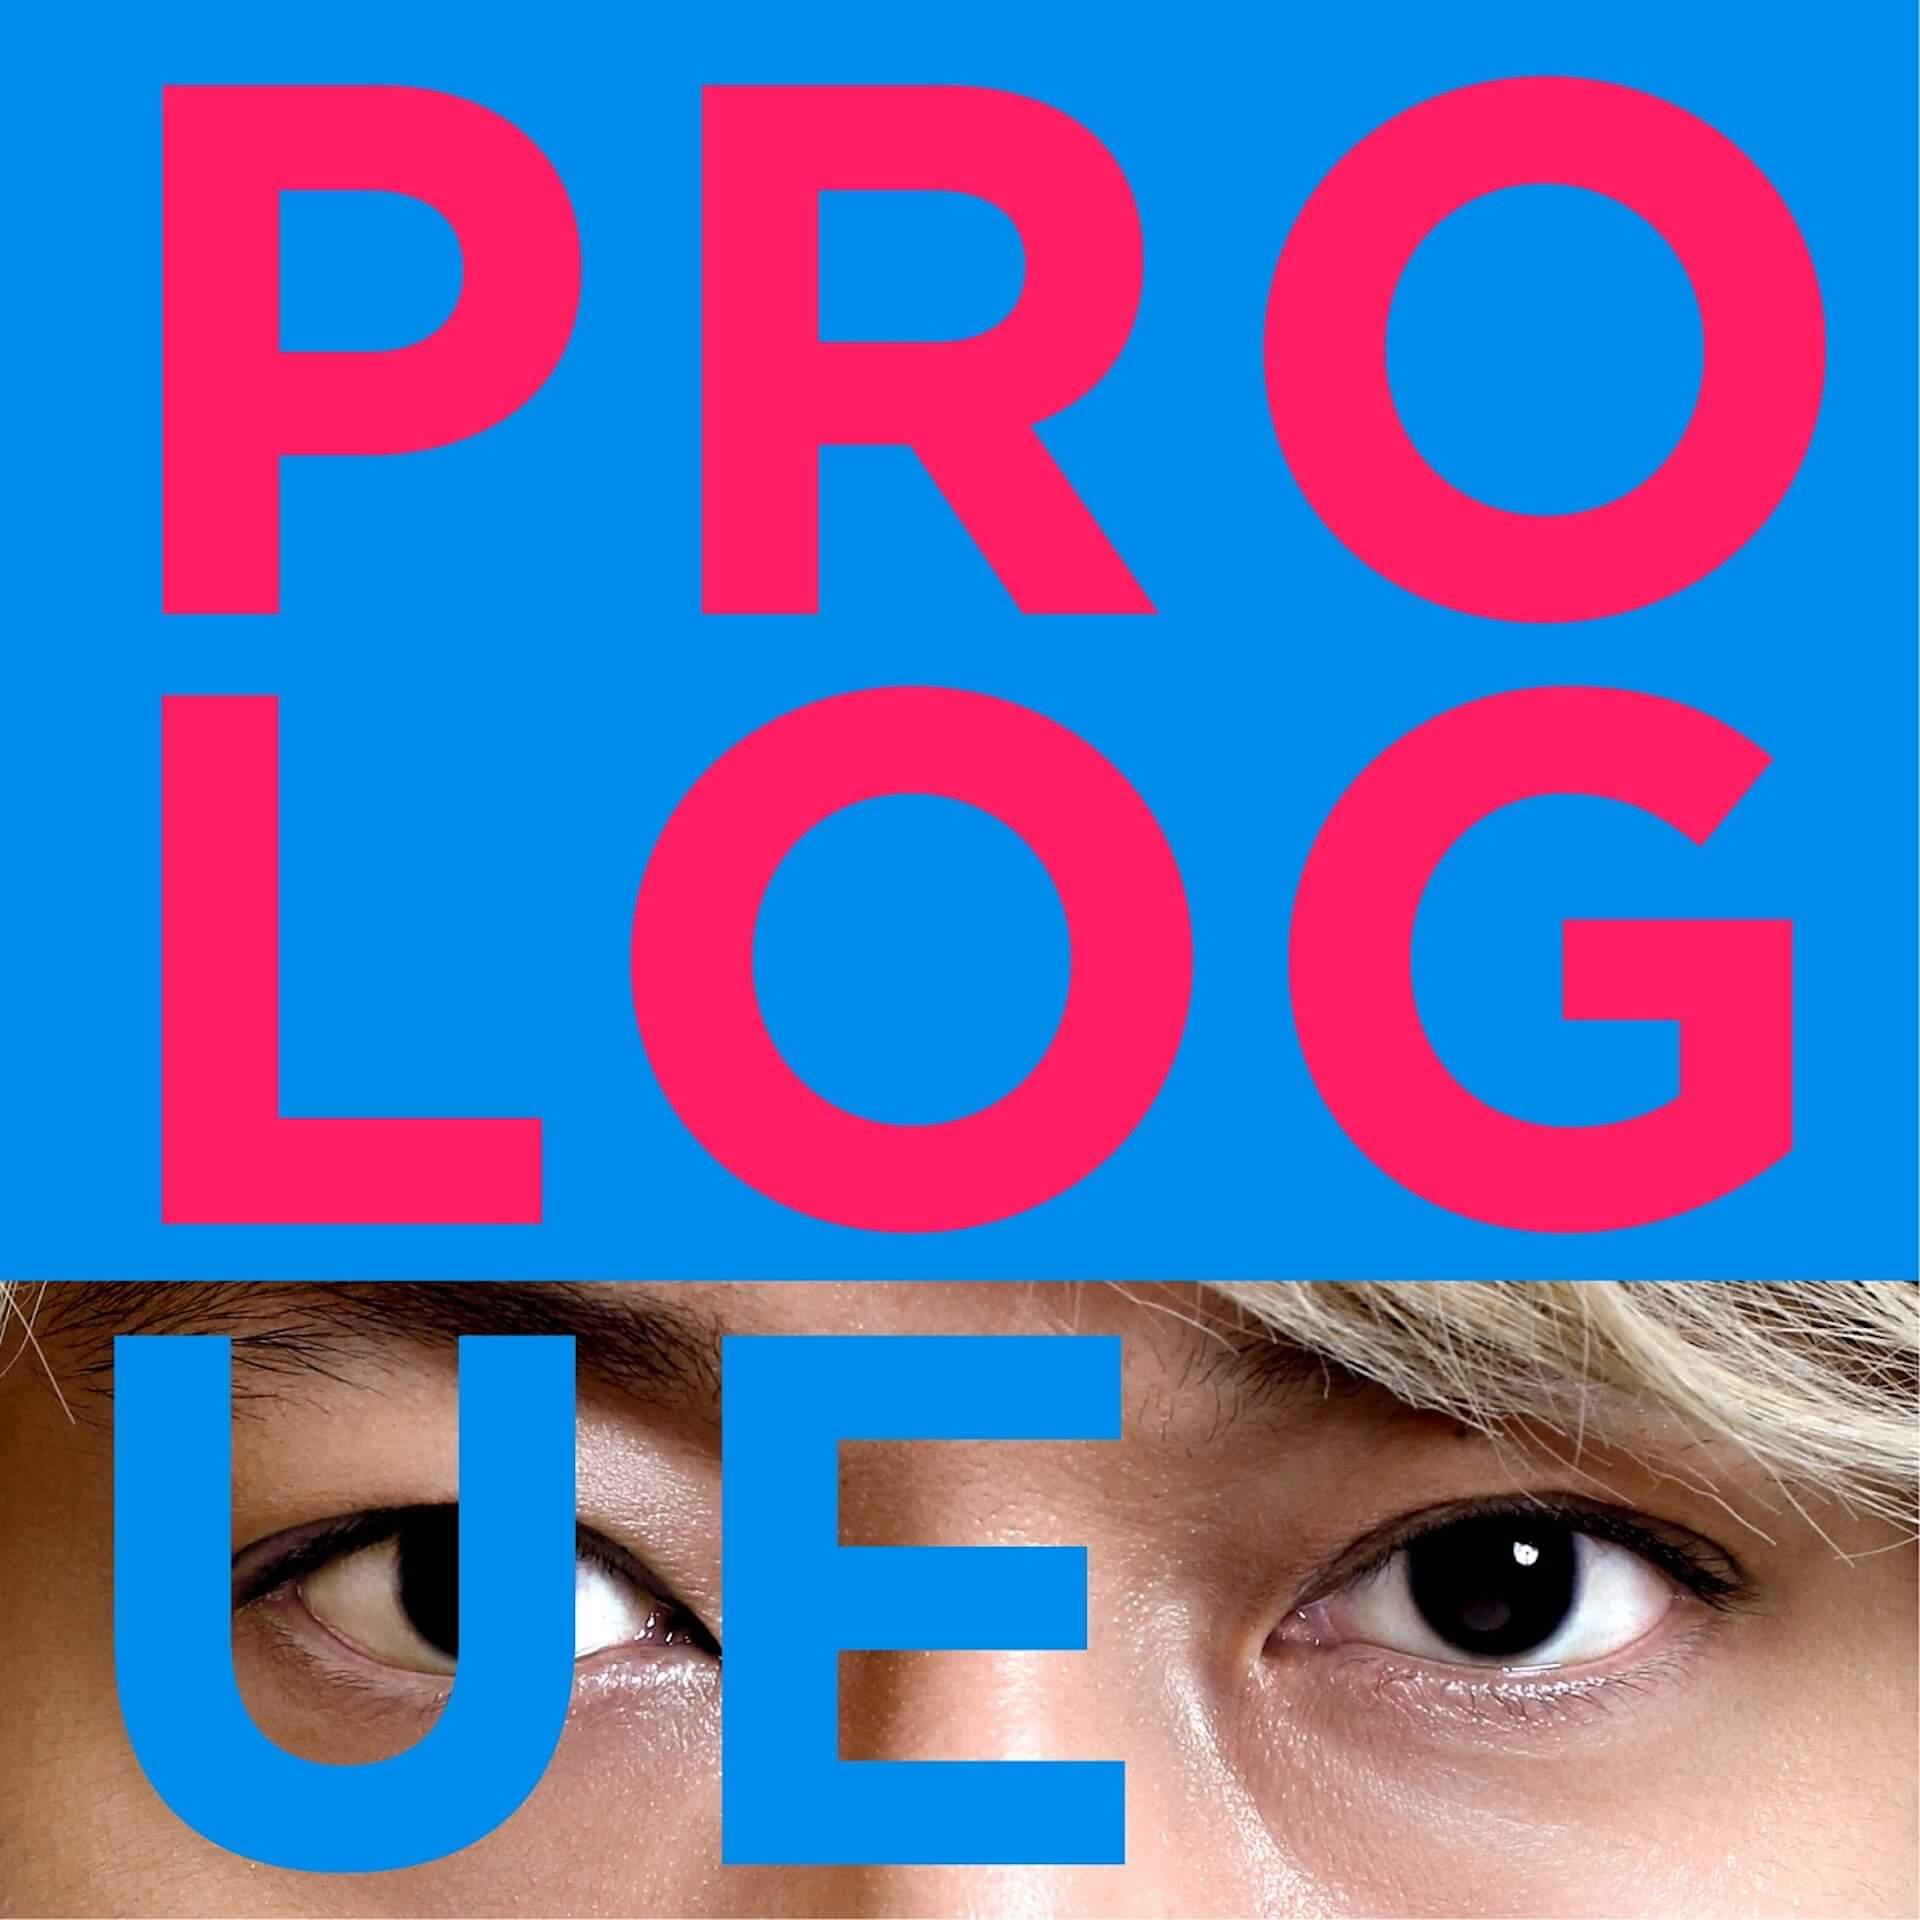 香取慎吾2020年元日に発売する『20200101』のジャケット&収録曲を公開!「Prologue(feat.TeddyLoid&たなか)」の配信もスタート music191122_katorishingo_1